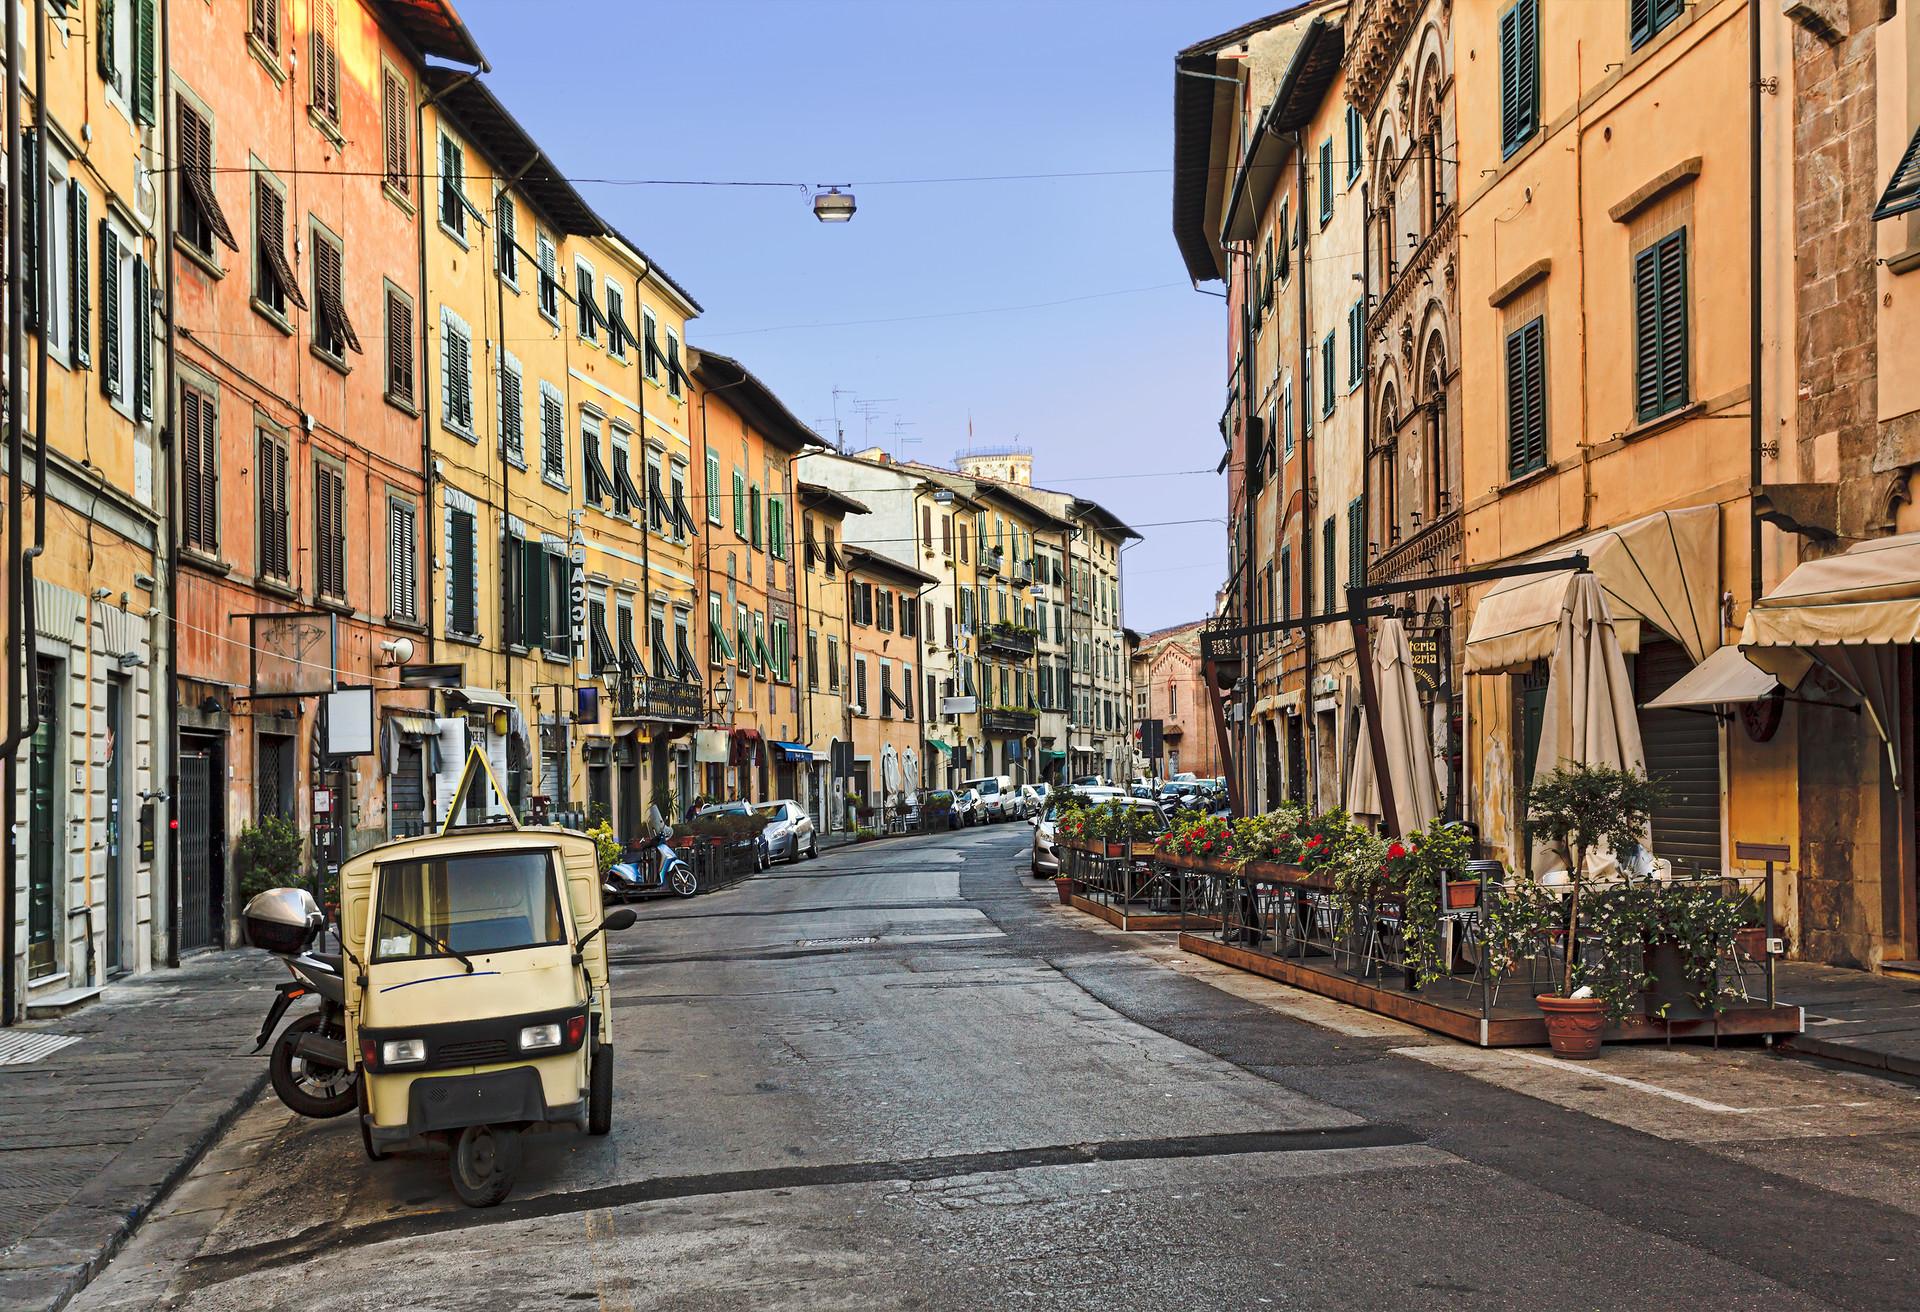 Si tienes una escala en Pisa, ¿por qué no te vas a dar una vuelta por el centro de la ciudad? Está a tan solo 45 minutos a pie del aeropuerto